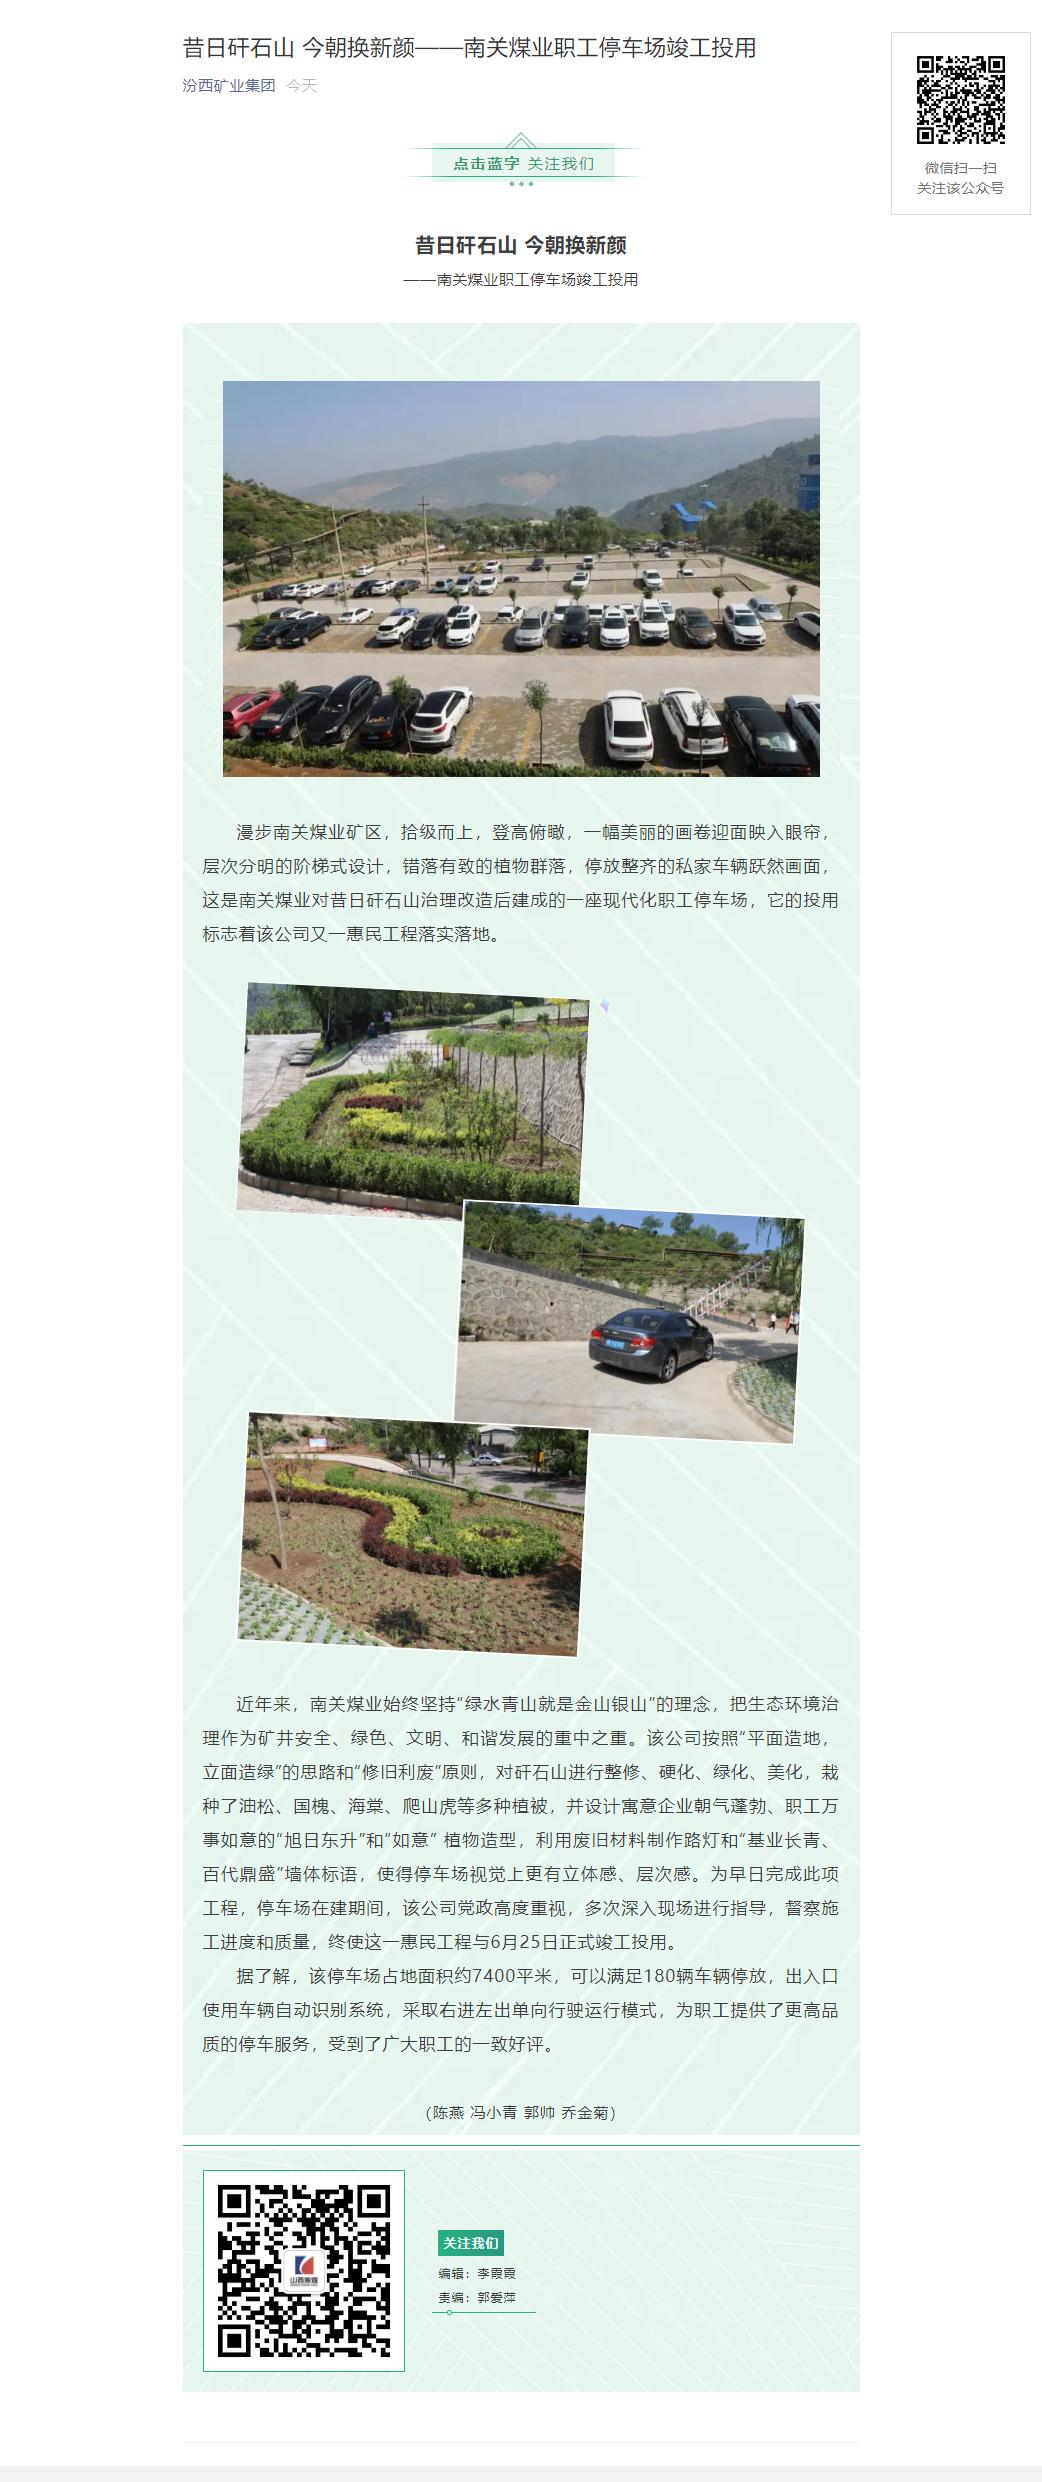 昔日矸石山 今朝换新颜——南关煤业职工停车场竣工投用.png